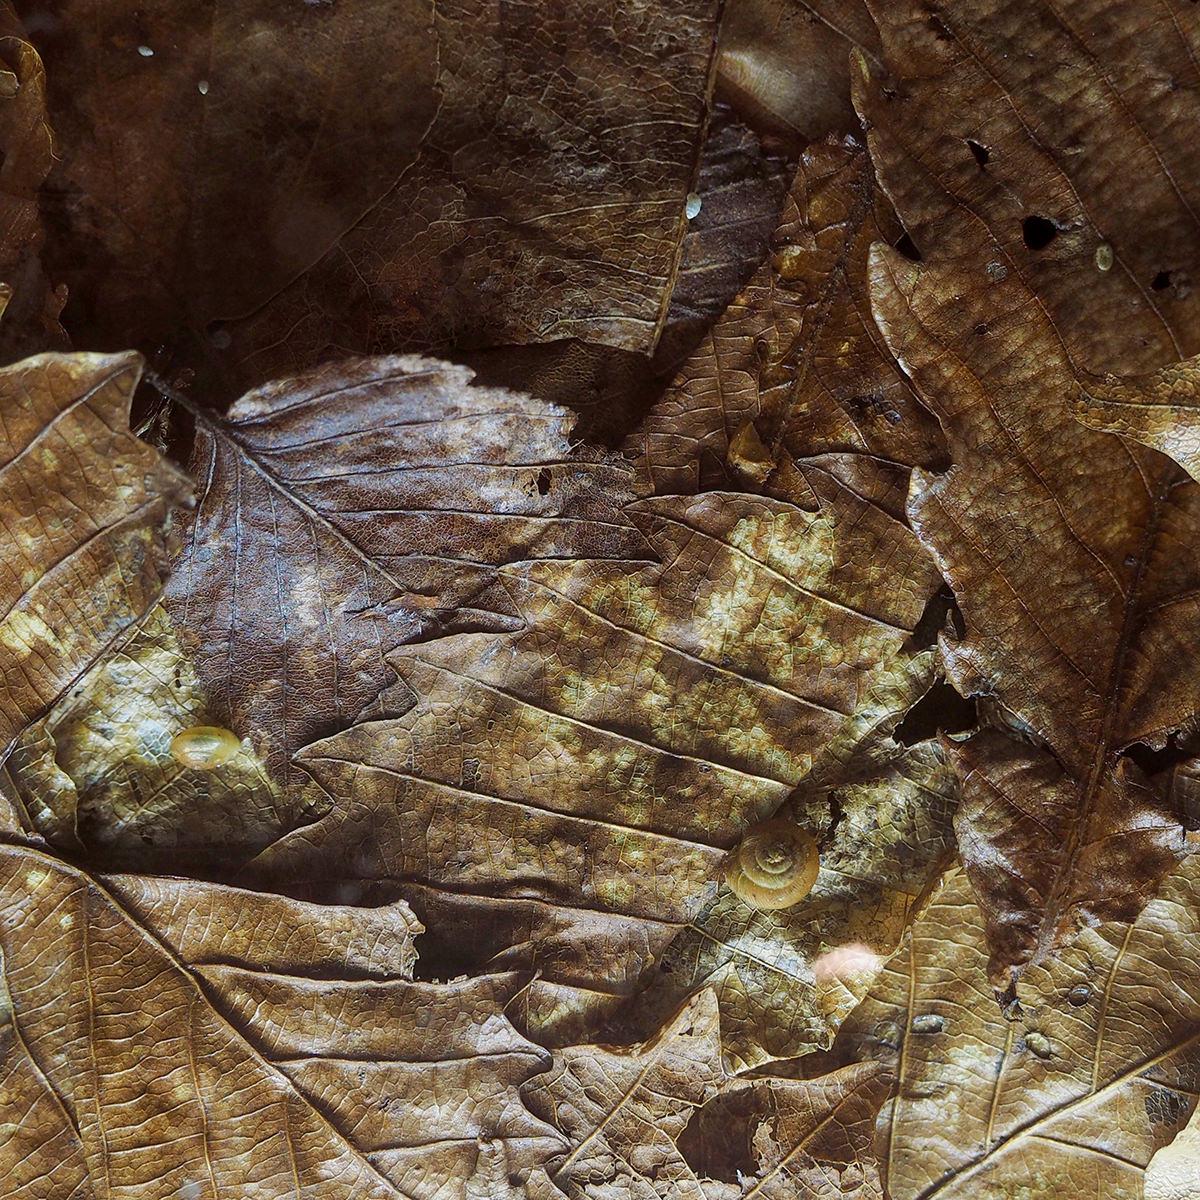 【中止】自然観察会   落ち葉の下のカタツムリをさがそう